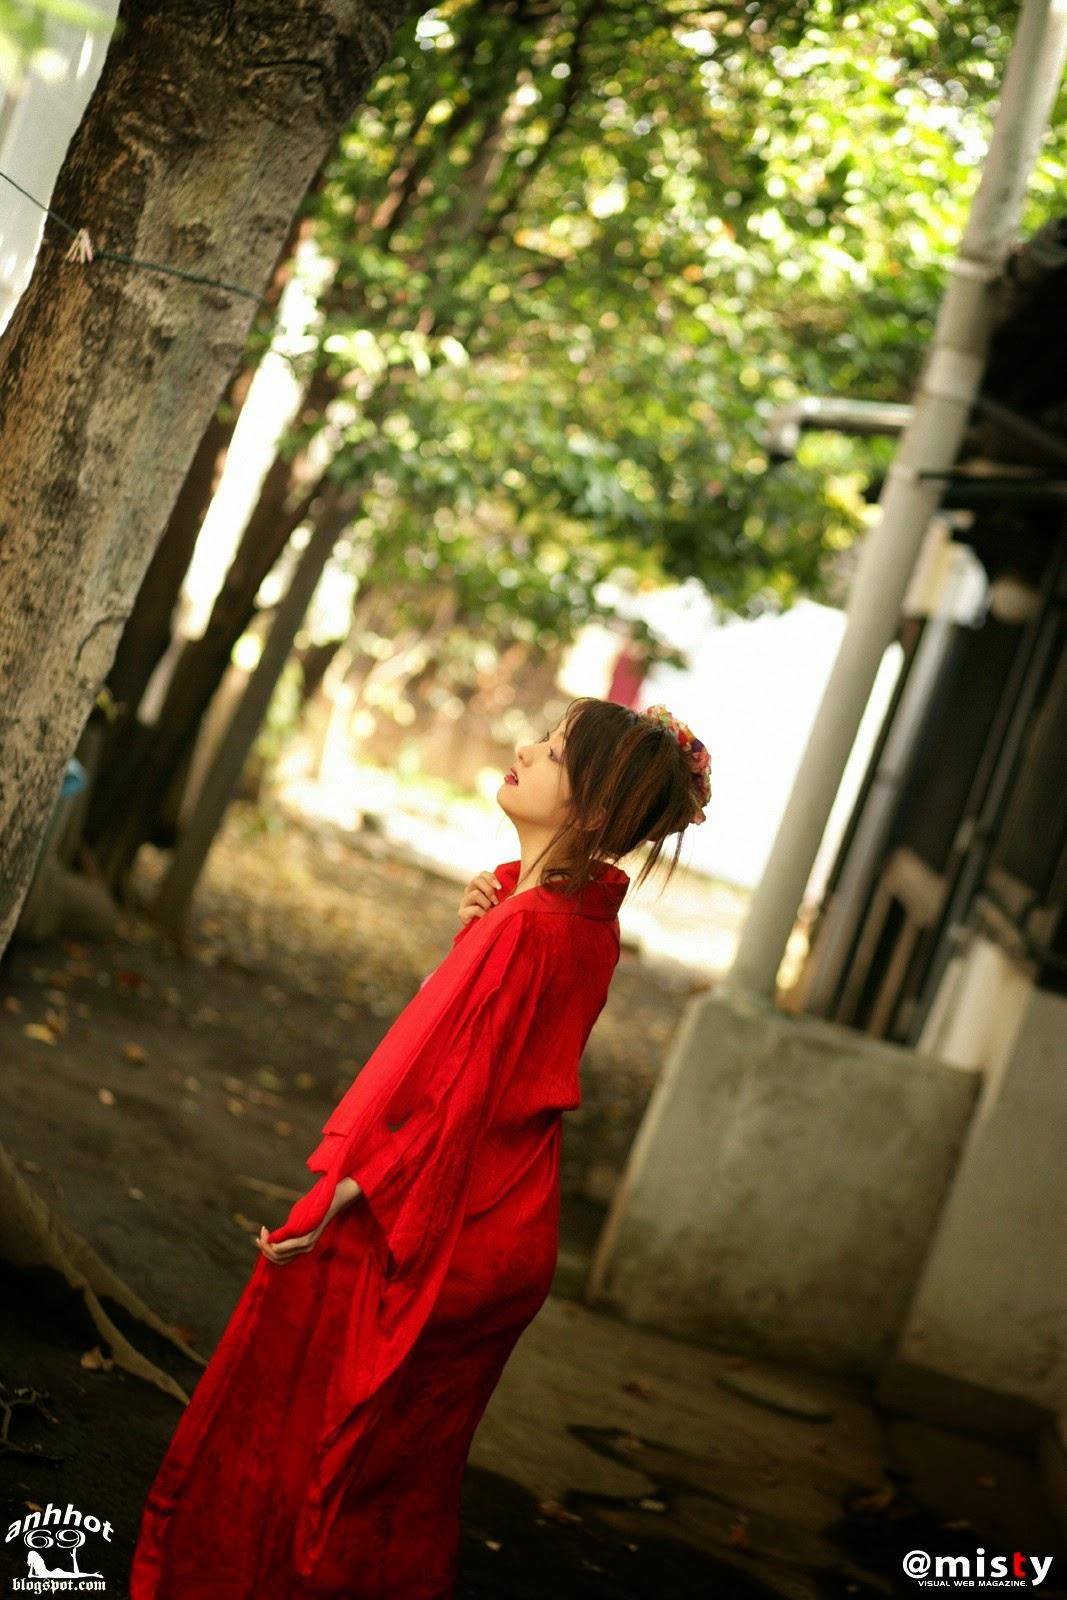 saki-seto-00409173